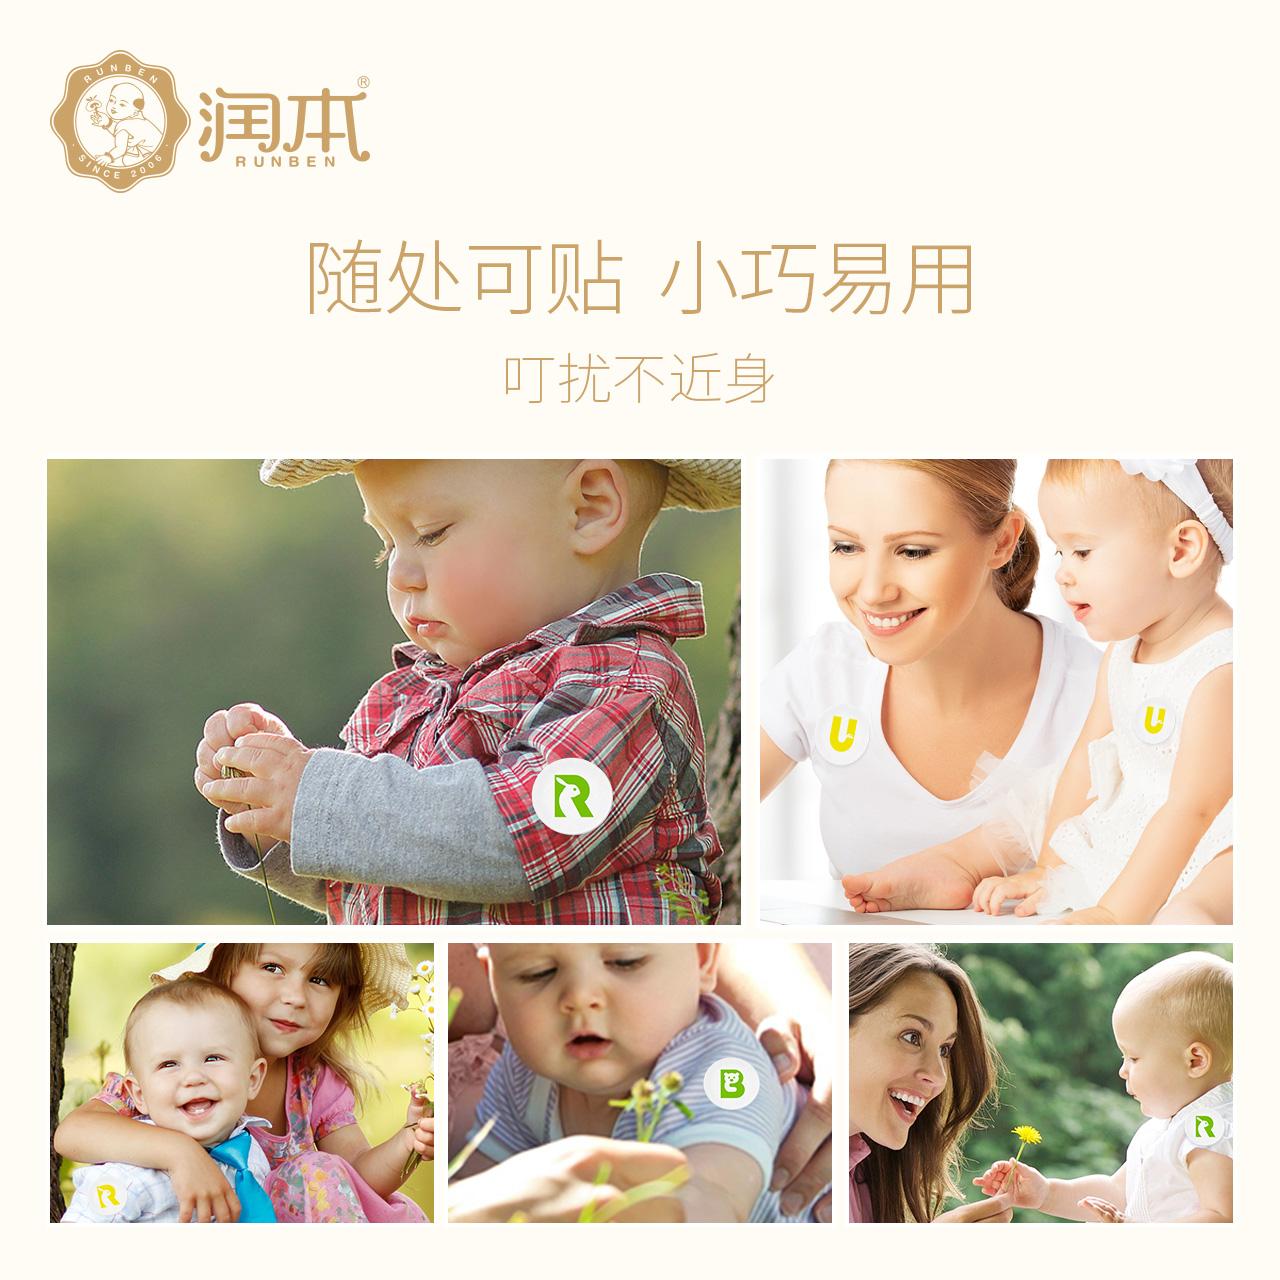 润本婴儿童植物精油驱蚊贴卡通户外驱蚊手环 宝宝孕妇防蚊贴4盒